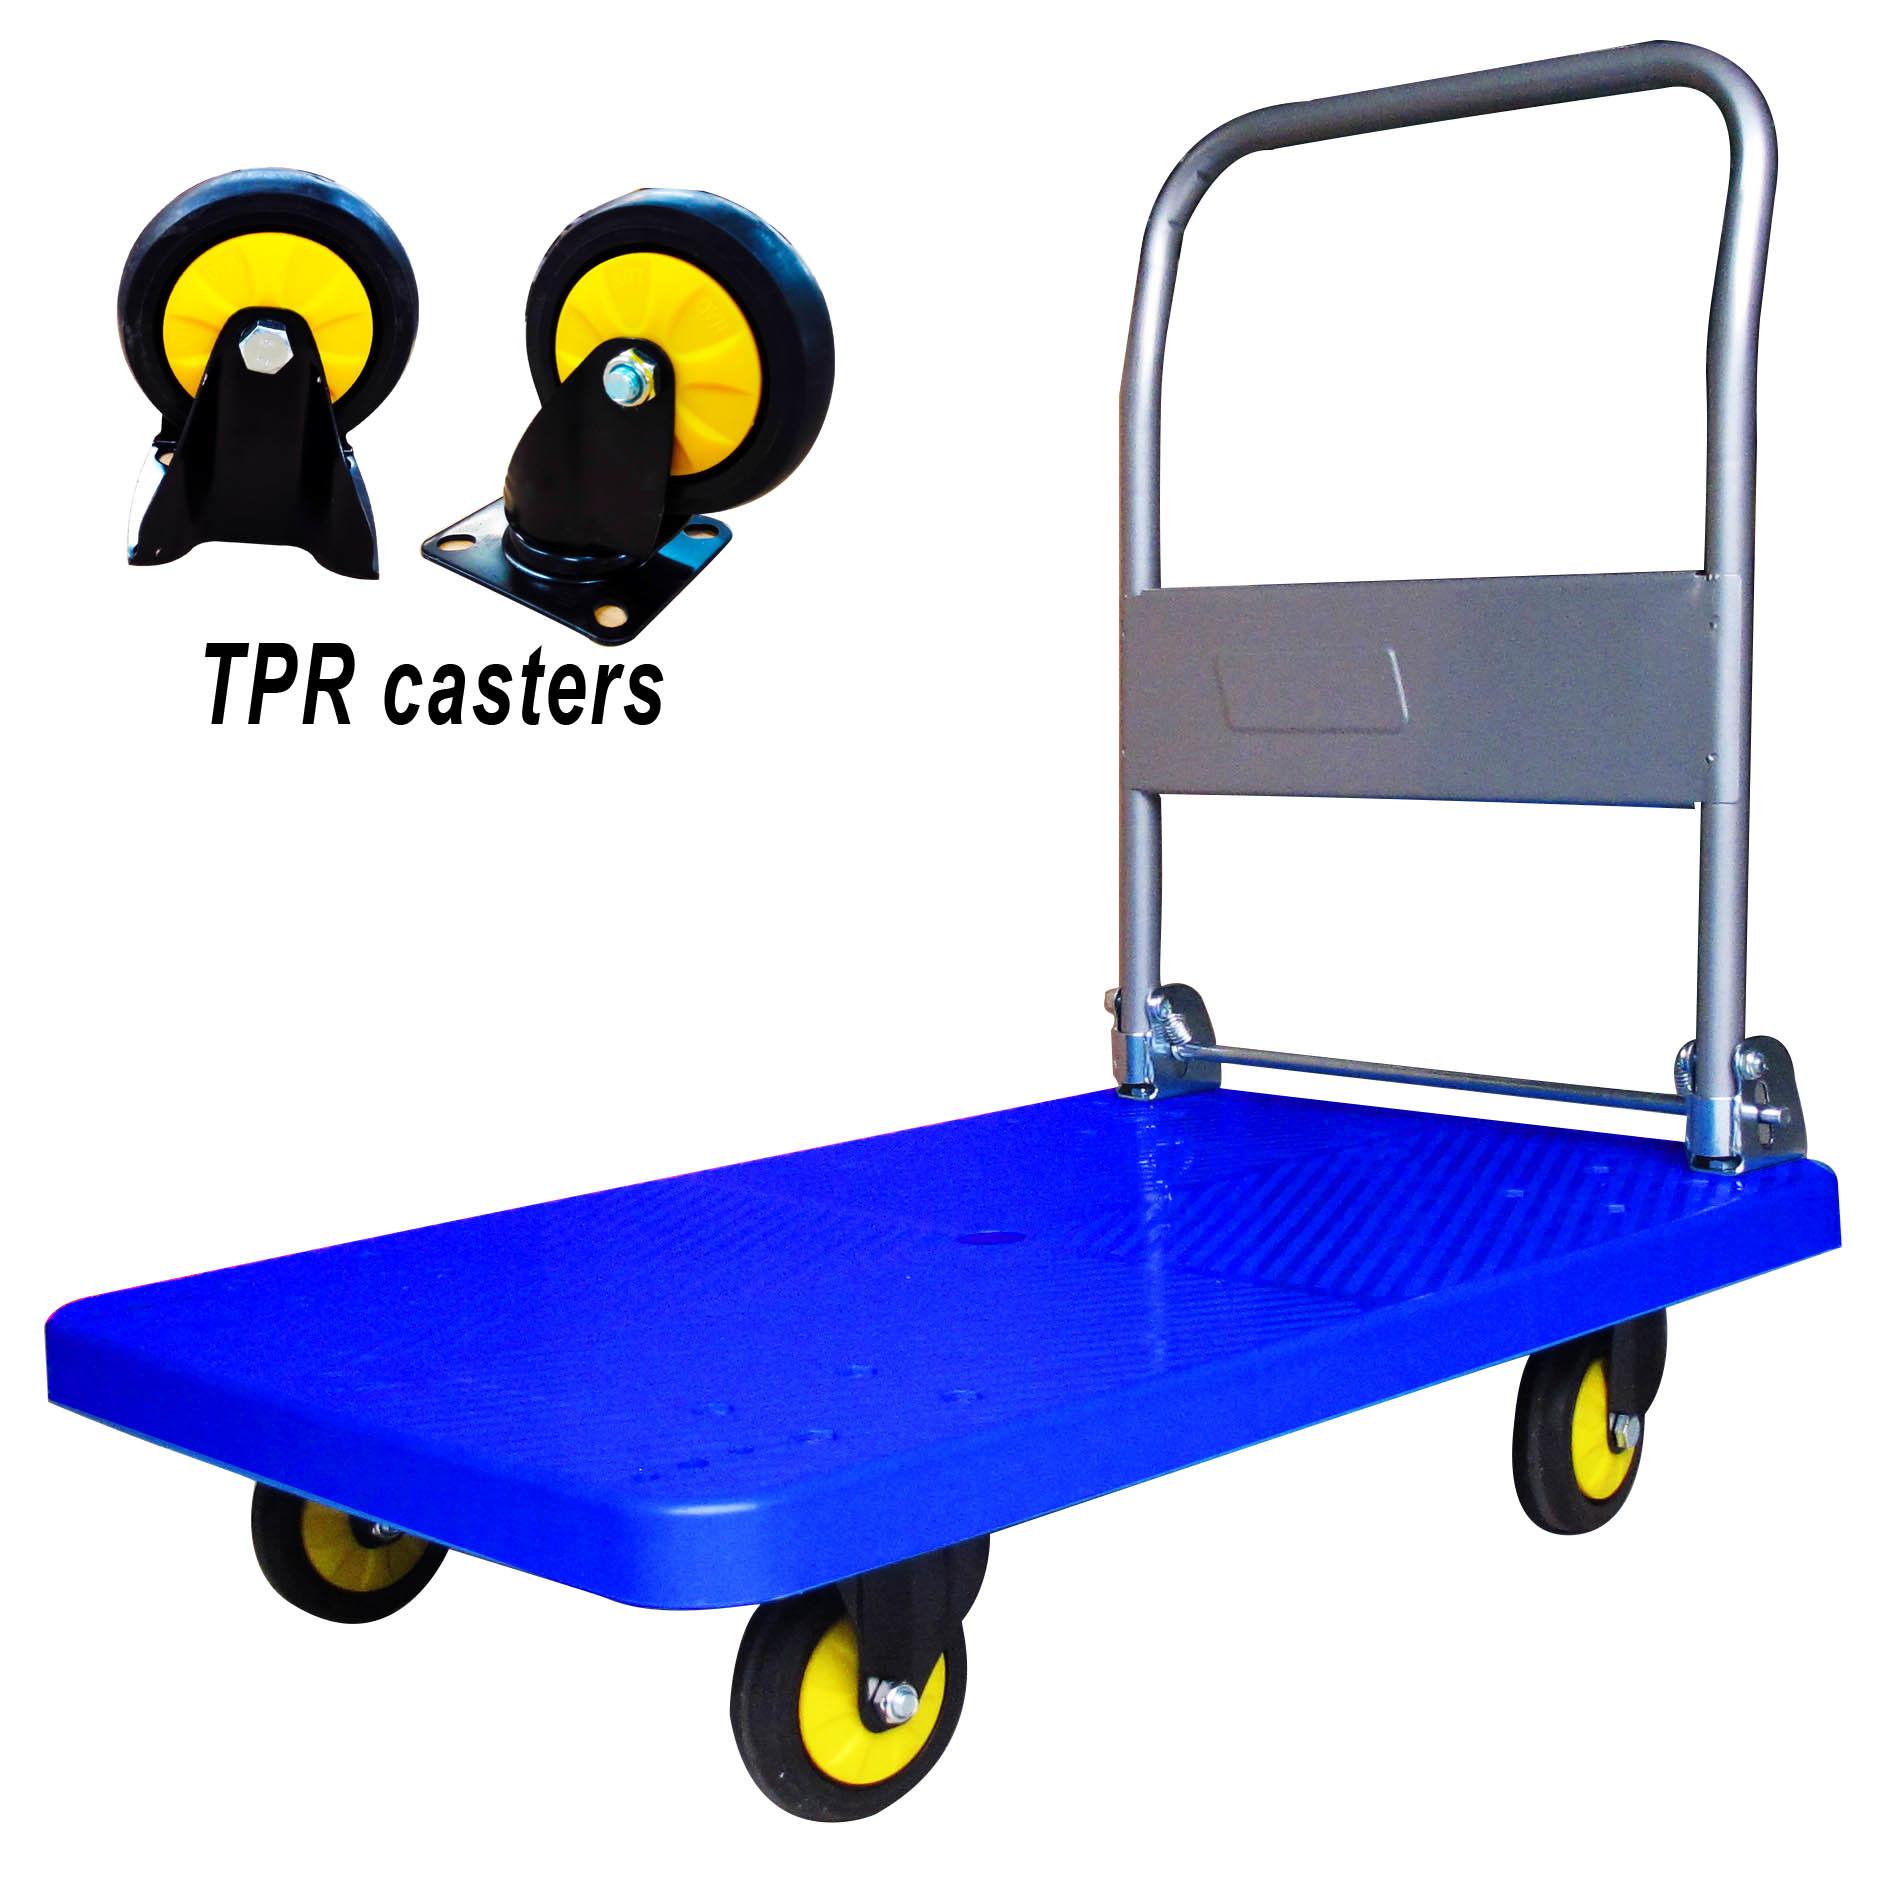 4-5 Inch Swivel Elastic Rubber Caster Noiseless Industrial Castor Wheels for Trolley